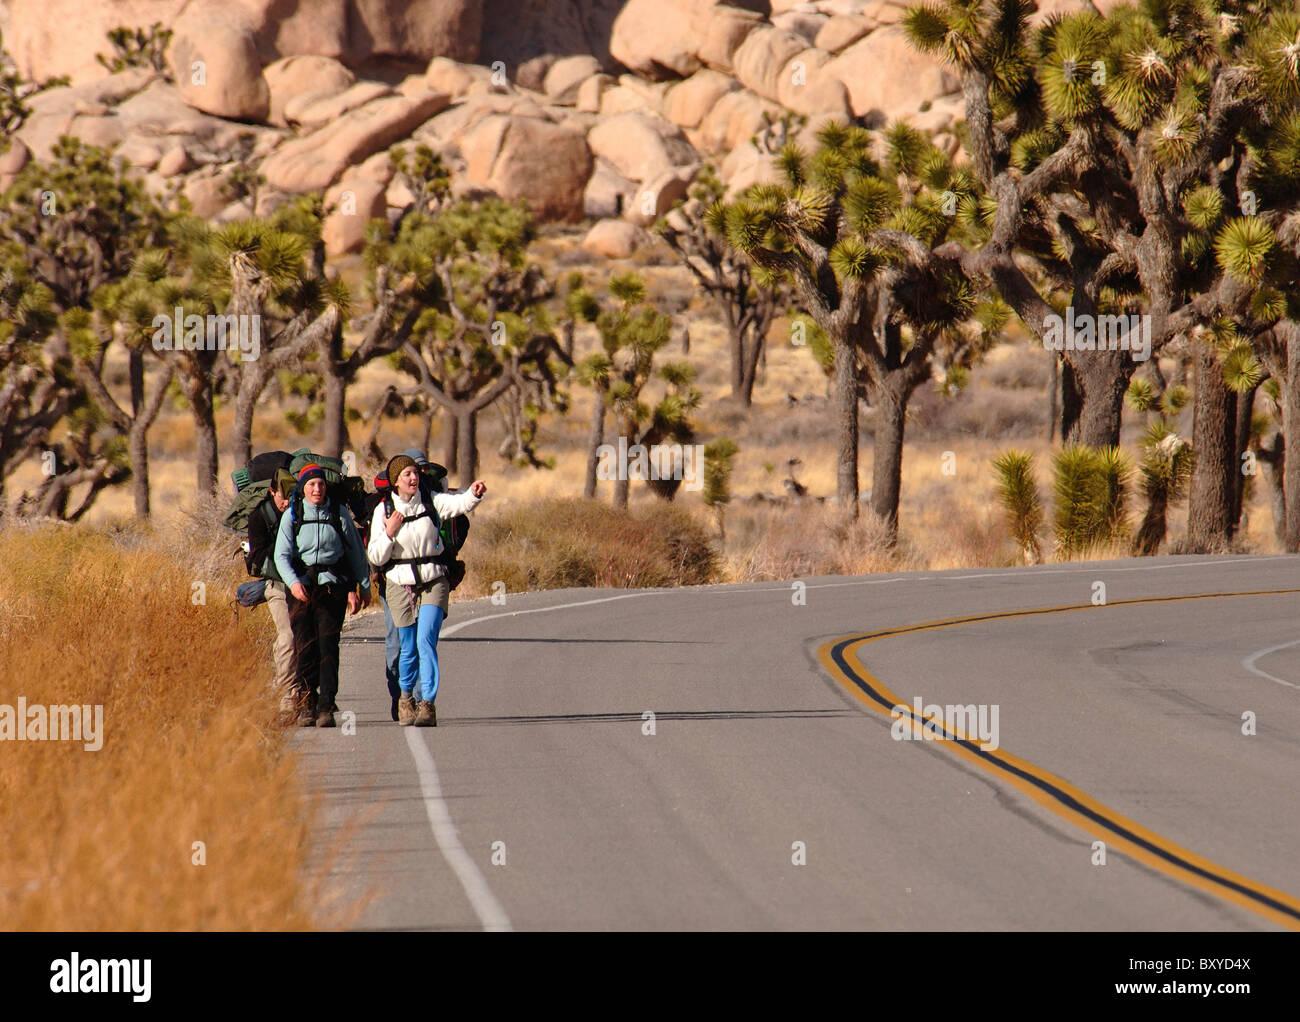 Los mochileros en la carretera a través del Parque Joshua Tree, Yucca brevifolia, el desierto de Mojave, California, Imagen De Stock